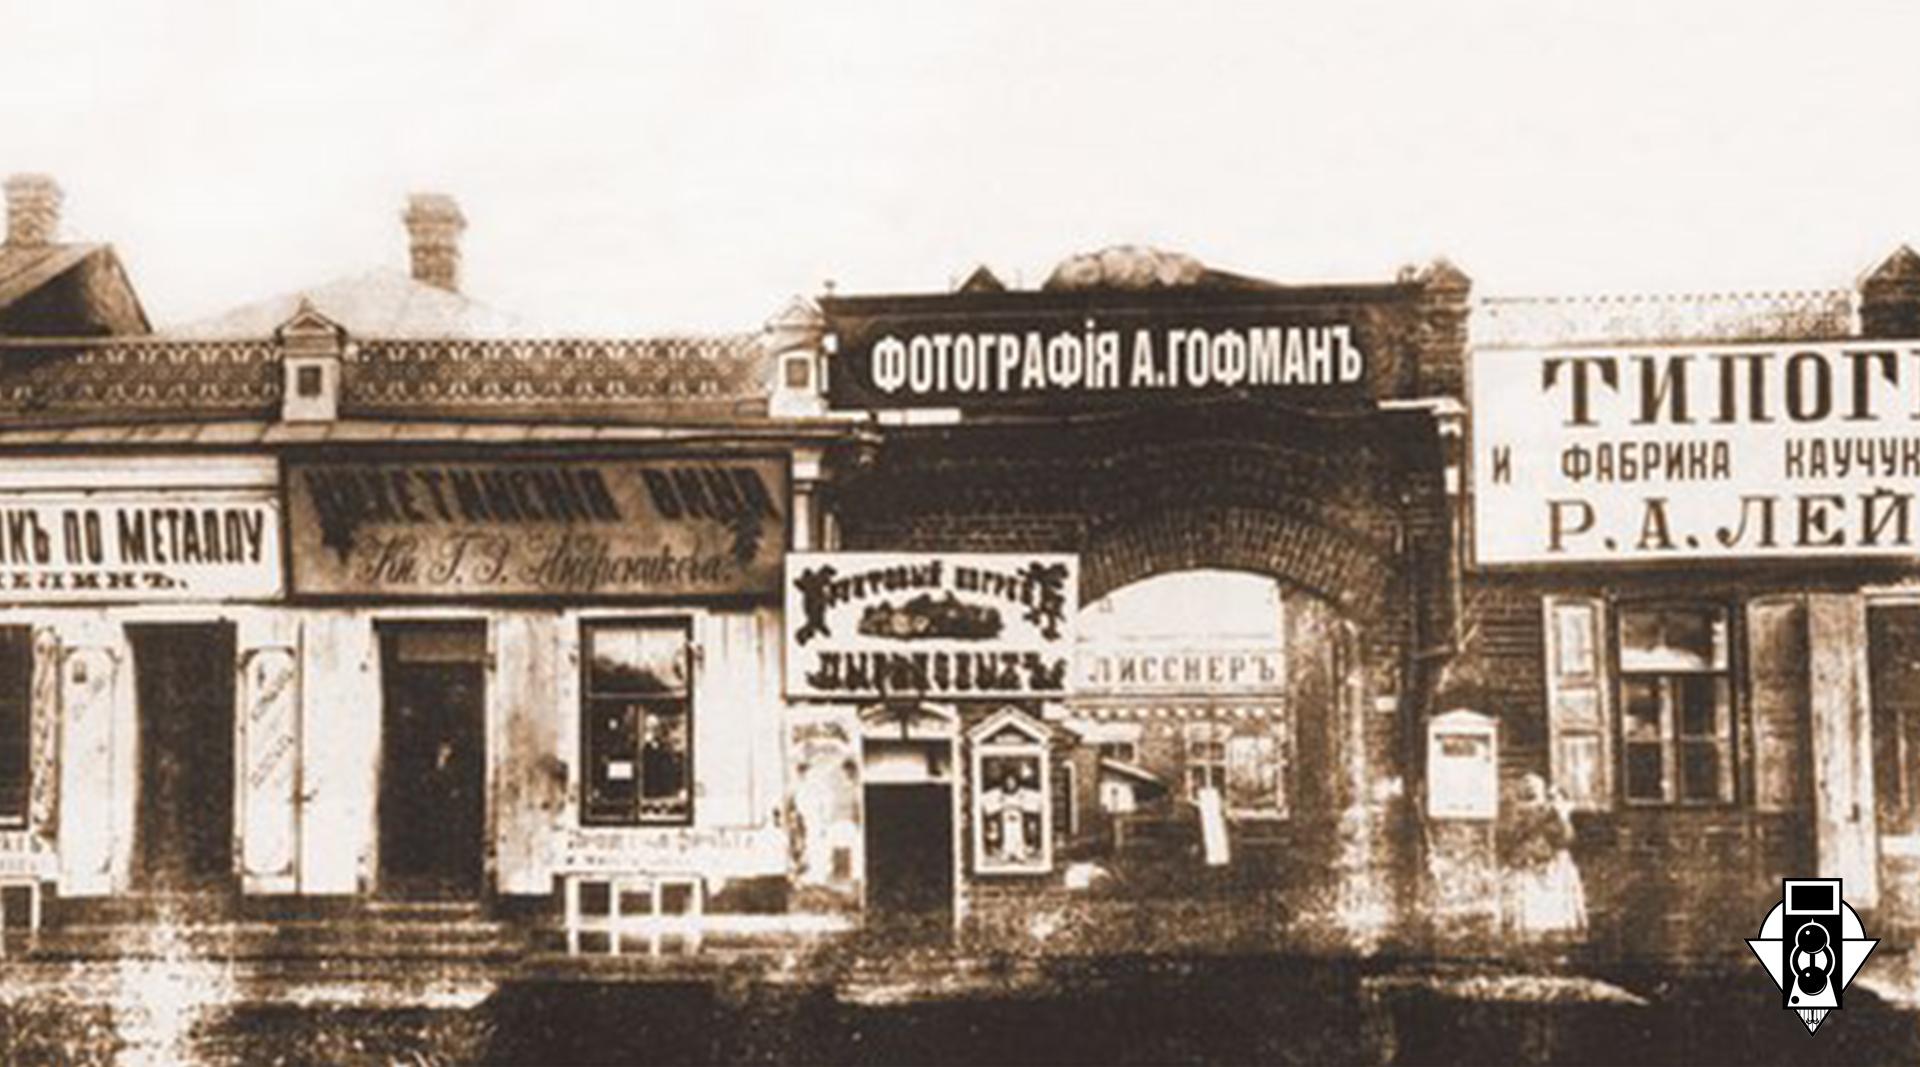 Фотография в Сибири. Первые шаги и скандалы